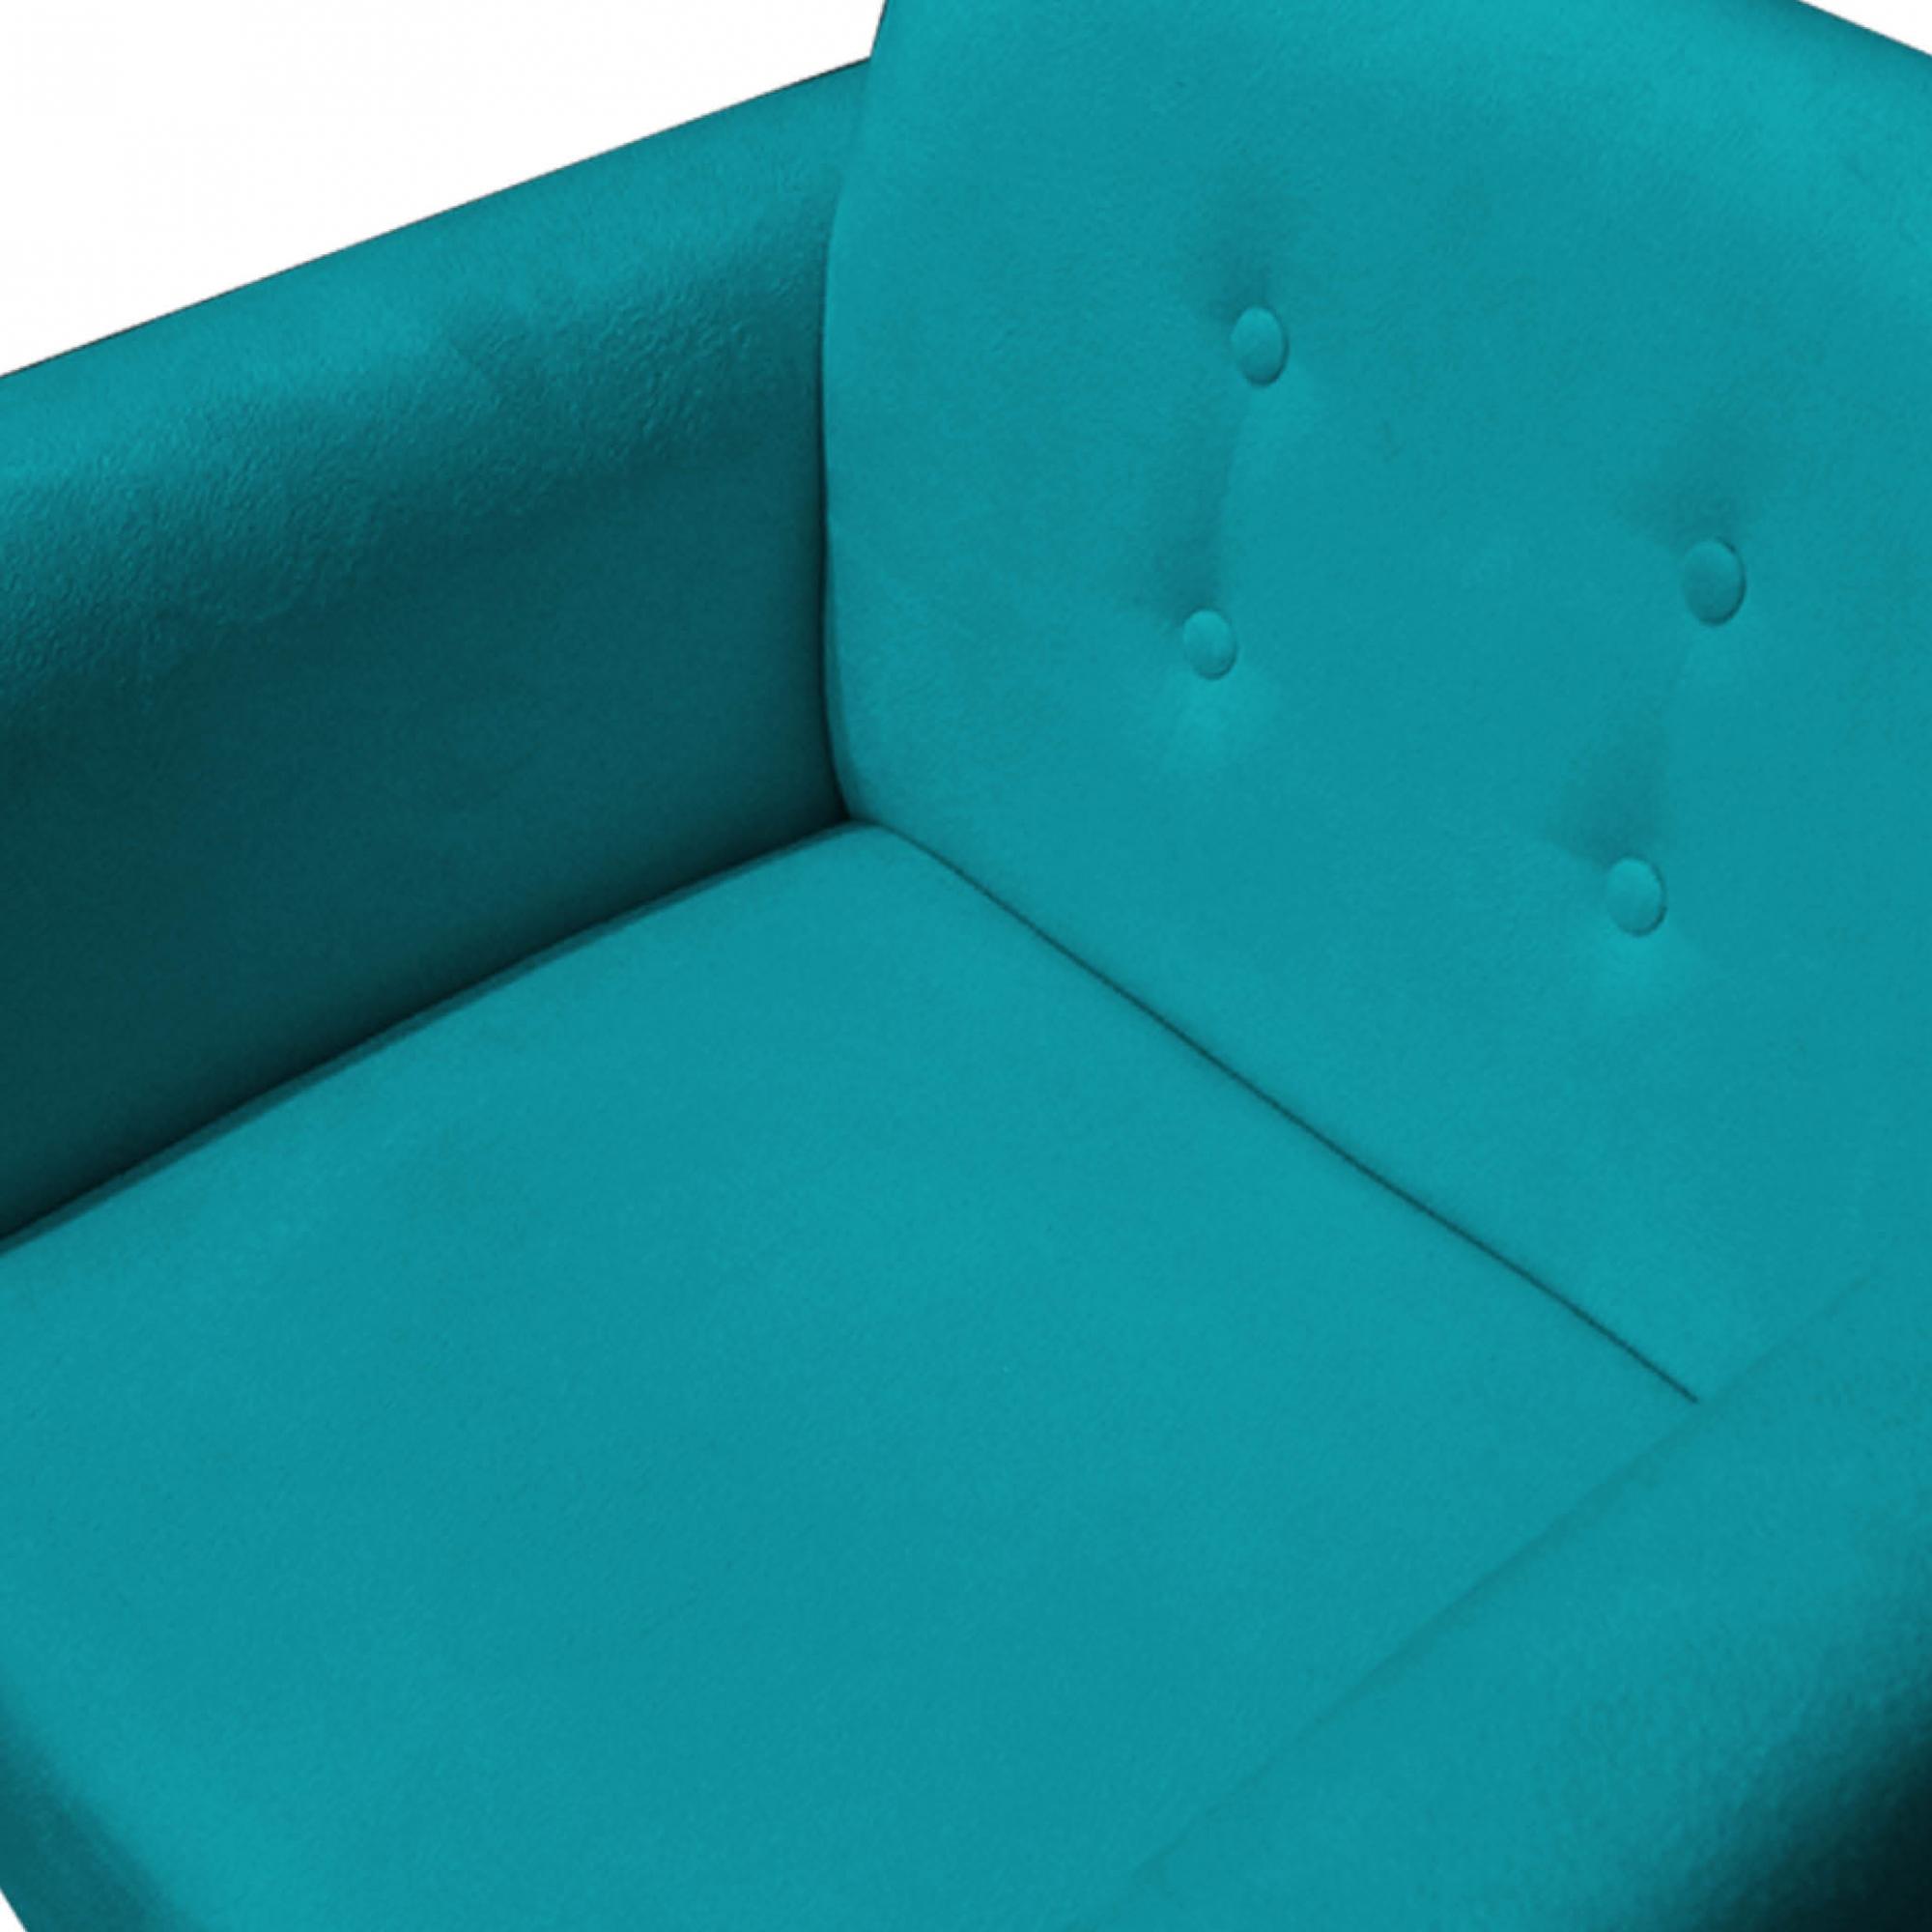 Kit 3 Poltrona Duda Decoraçâo Pé Palito Cadeira Recepção Escritório Clinica D'Classe Decor Suede Azul Tiffany